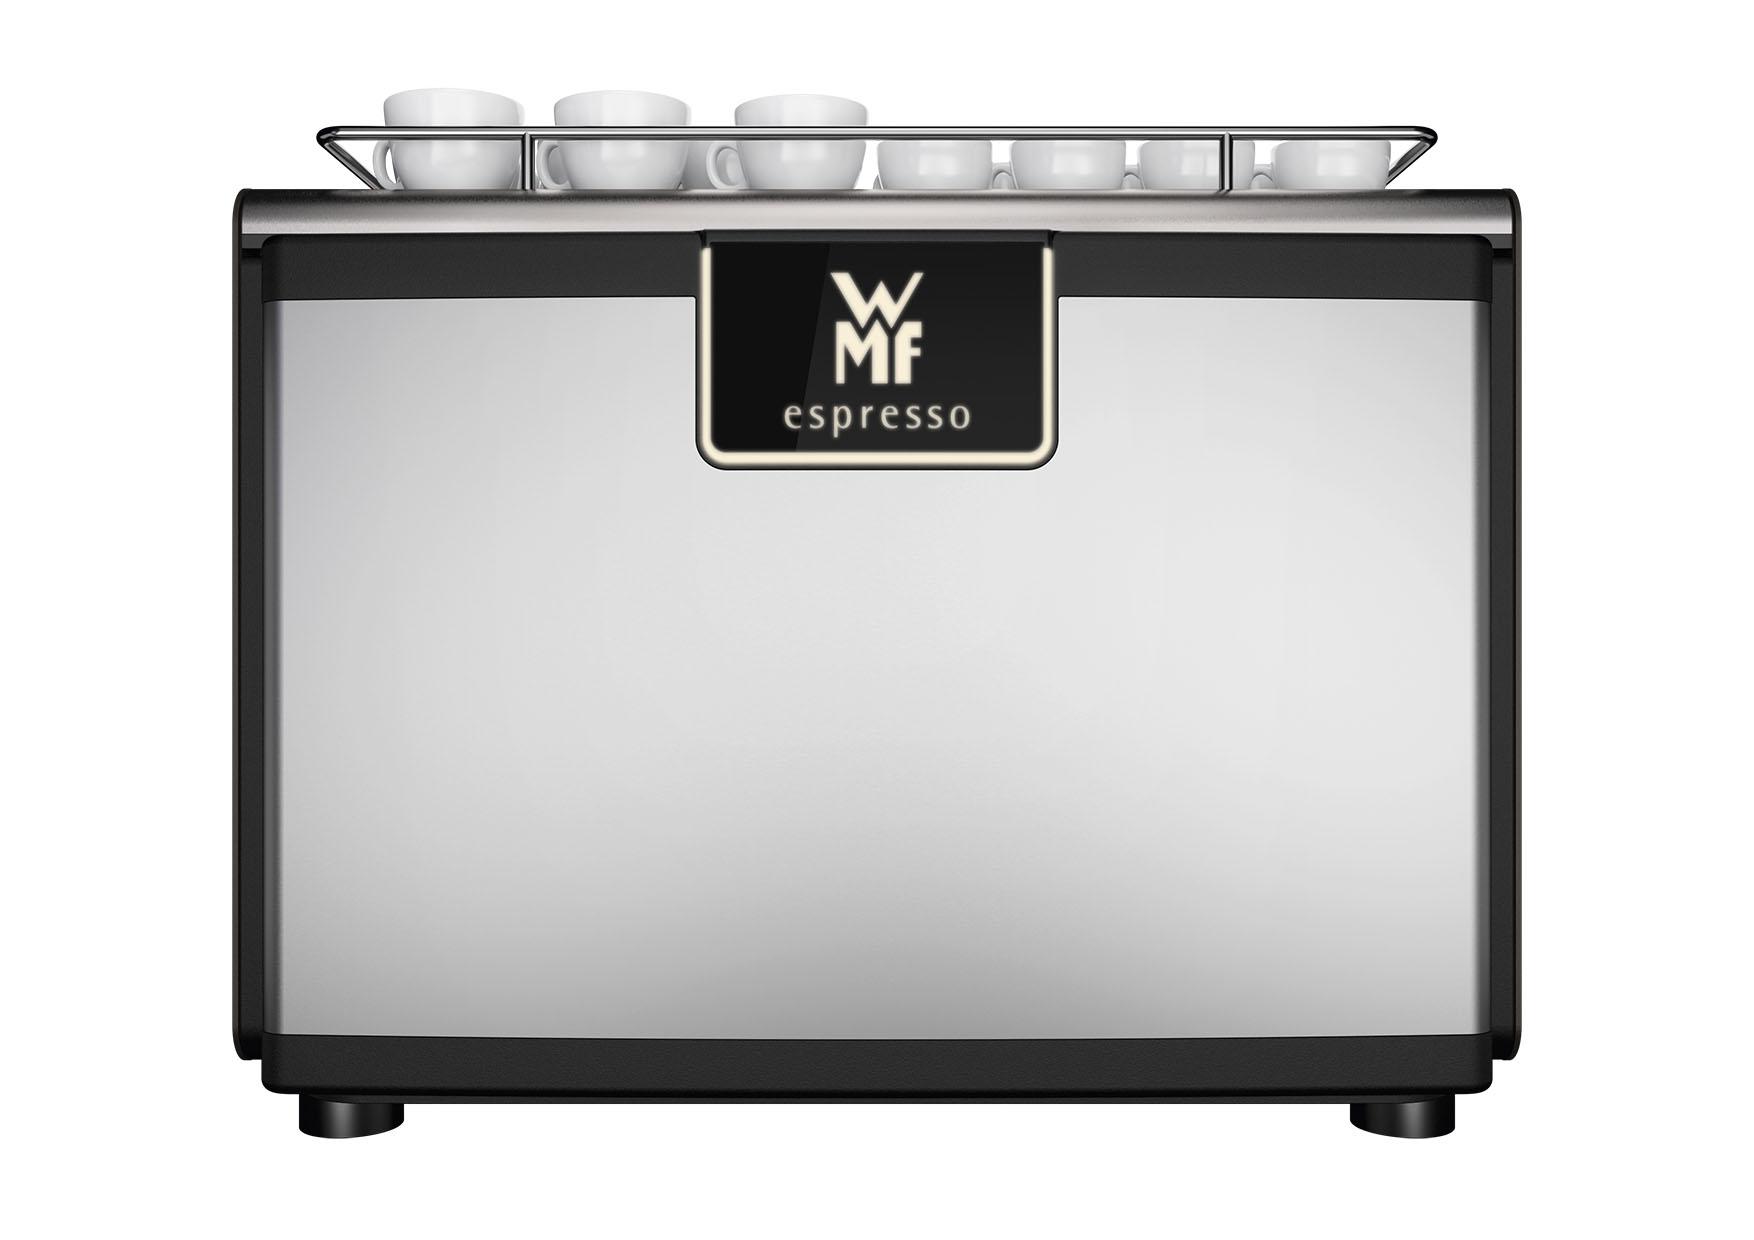 2015 WMF espresso Rückansicht-rear view Freisteller-cut out 150dpi.jpg